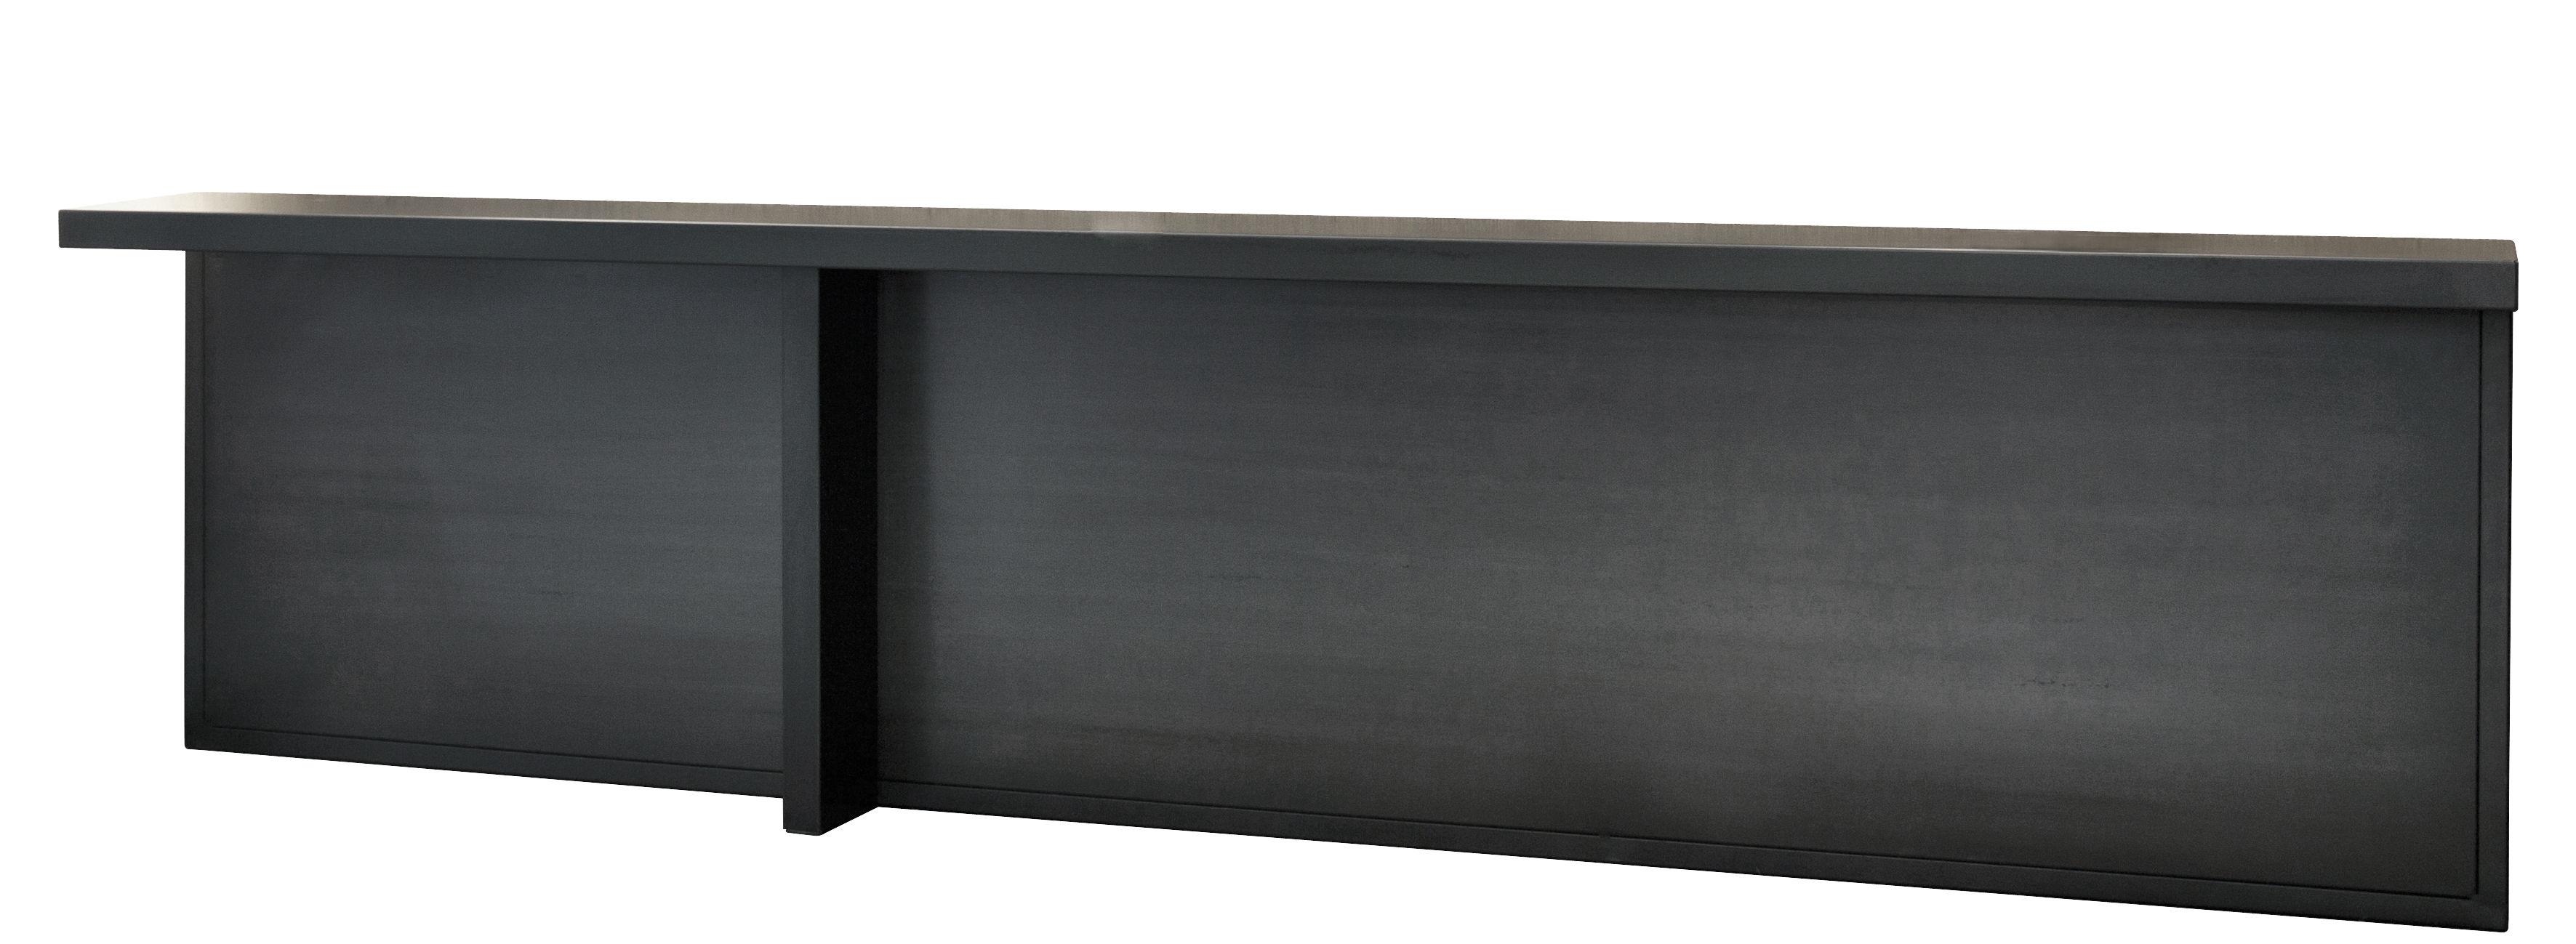 Mobilier - Consoles - Console Atrium / Métal - L 283 x P 30 cm - Zeus - Métal noir - Acier phosphaté